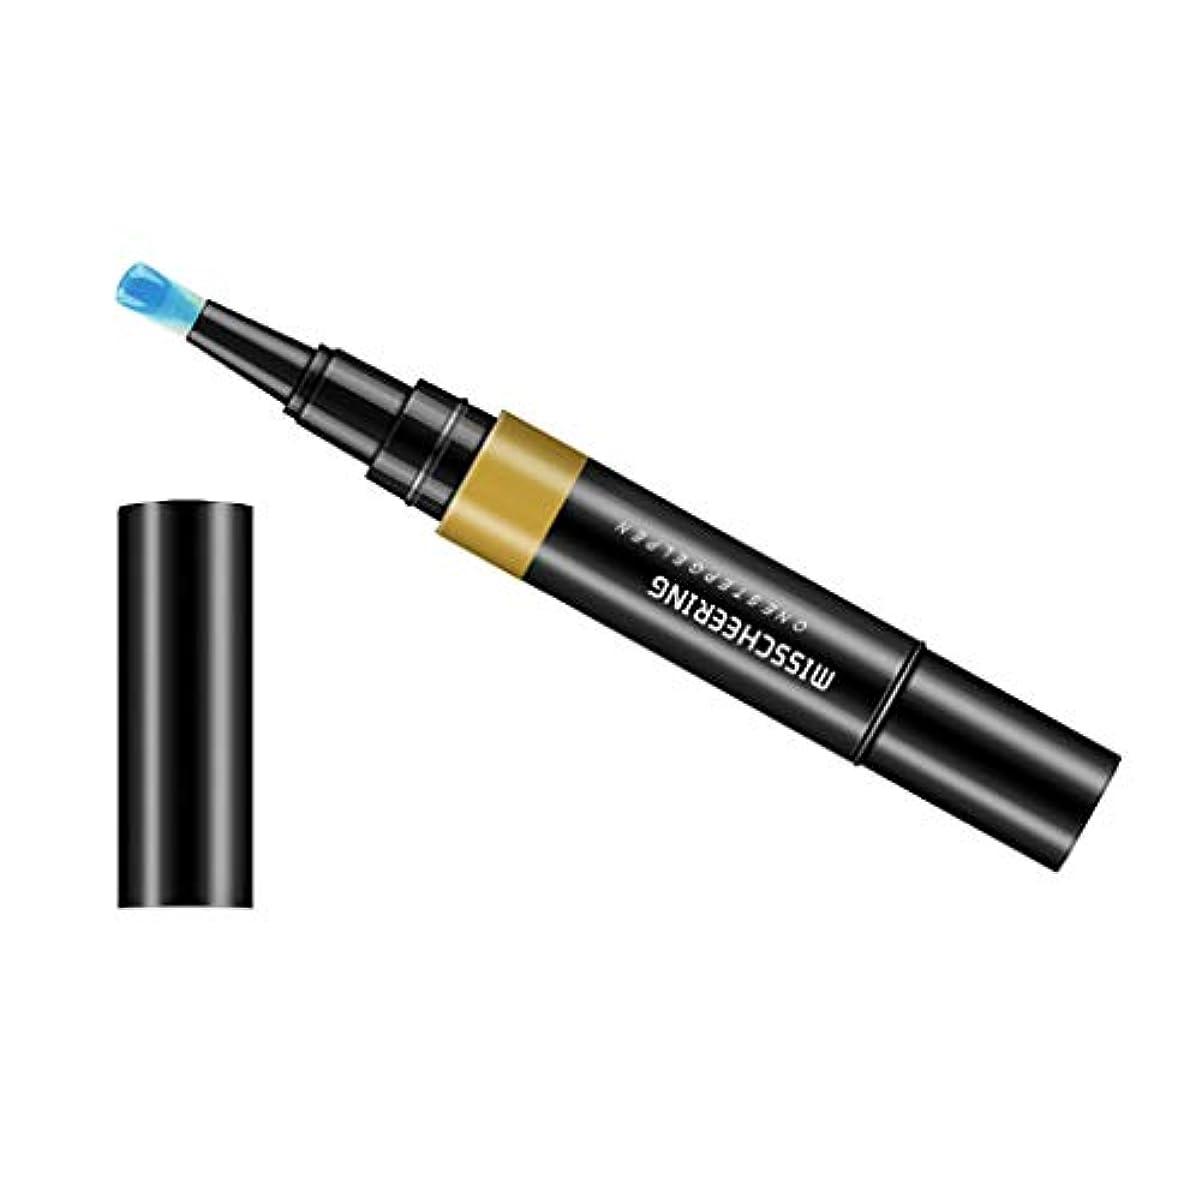 経過水速記Toygogo ジェル マニキュアペン ワニスラッカー ネイルアートペン 3 イン 1 サロン 初心者 セルフネイル DIY - ブルー